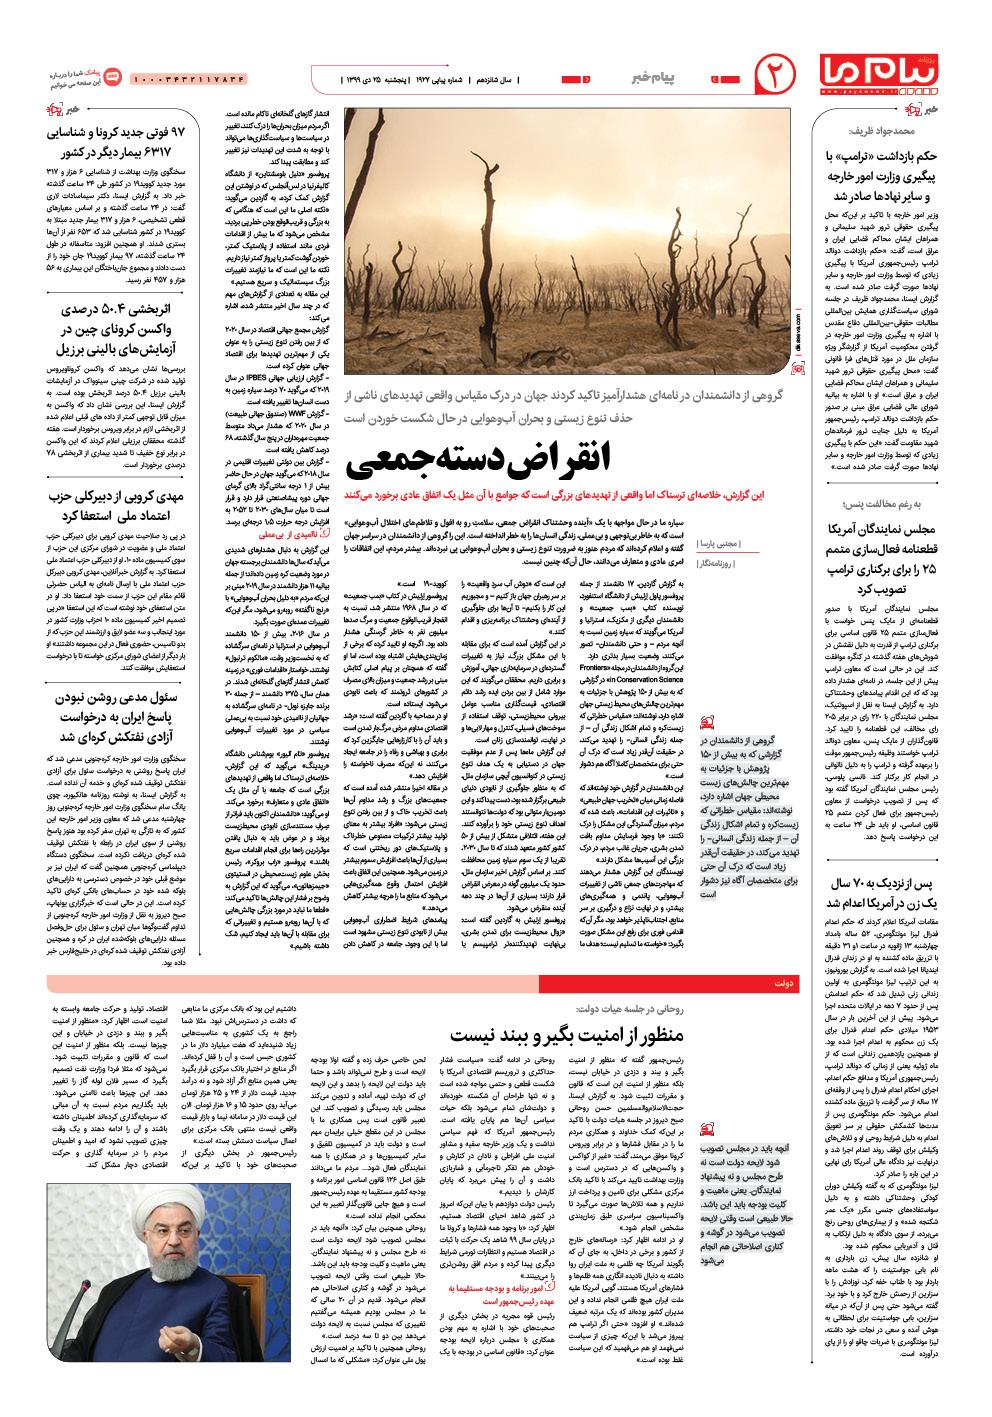 صفحه پیام خبر شماره ۱۹۲۷ روزنامه پیام ما